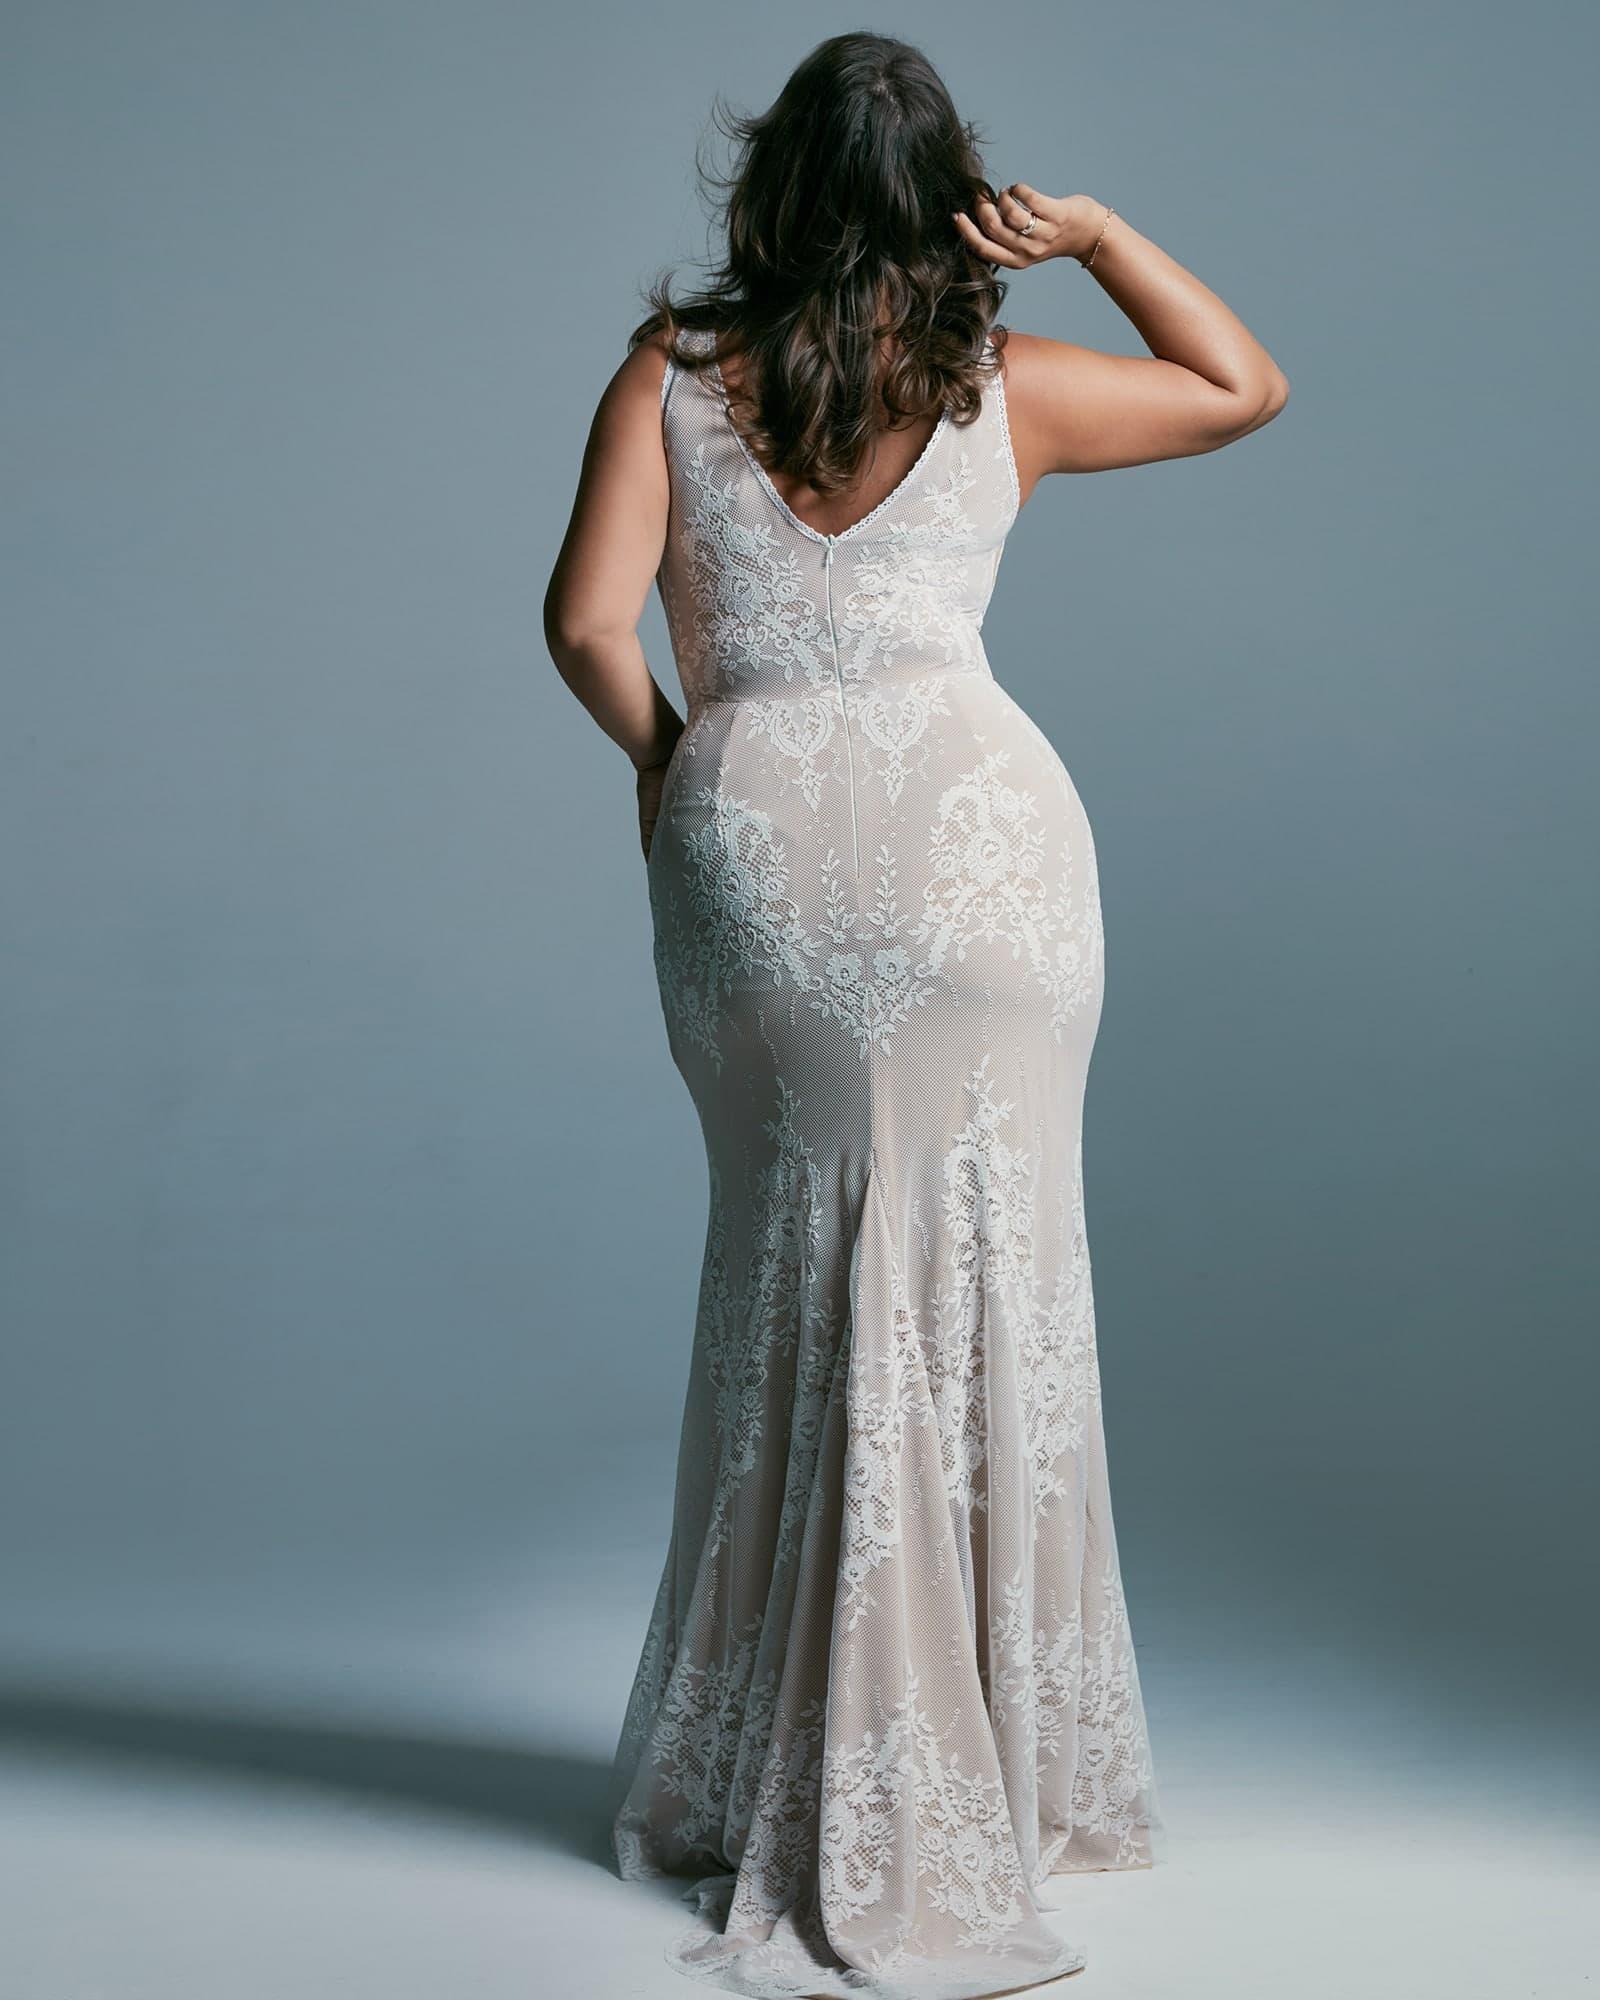 Suknia ślubna plus size która podkreśla kształty